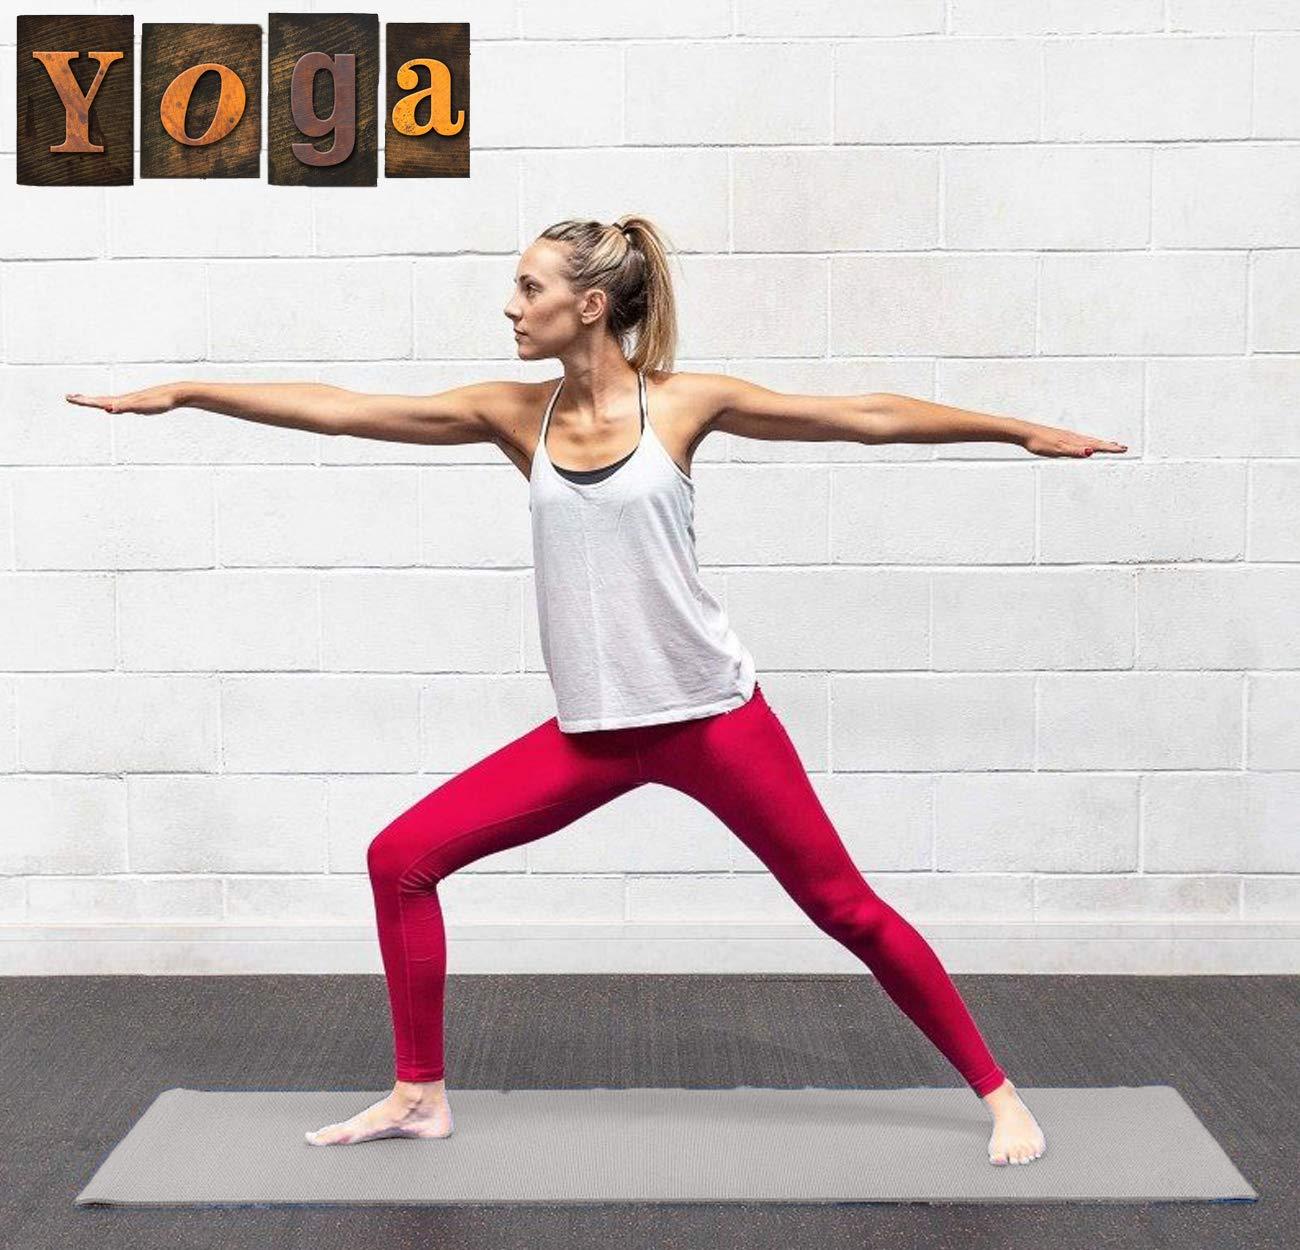 Xn8 in ABS per Fitness Morbido Grigio Extra Spesso Tappetino da Yoga Ginnastica Pilates Fisioterapia 6 mm Antiscivolo Allenamento